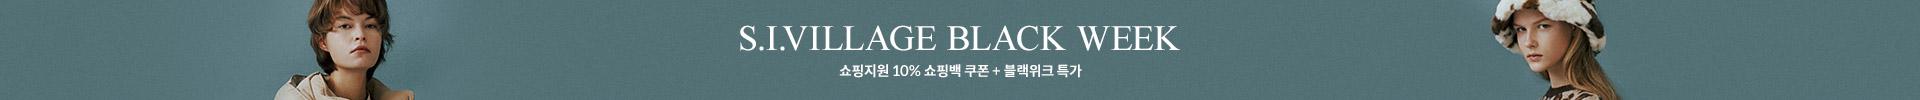 S.I.VILLAGE BLACK WEEK